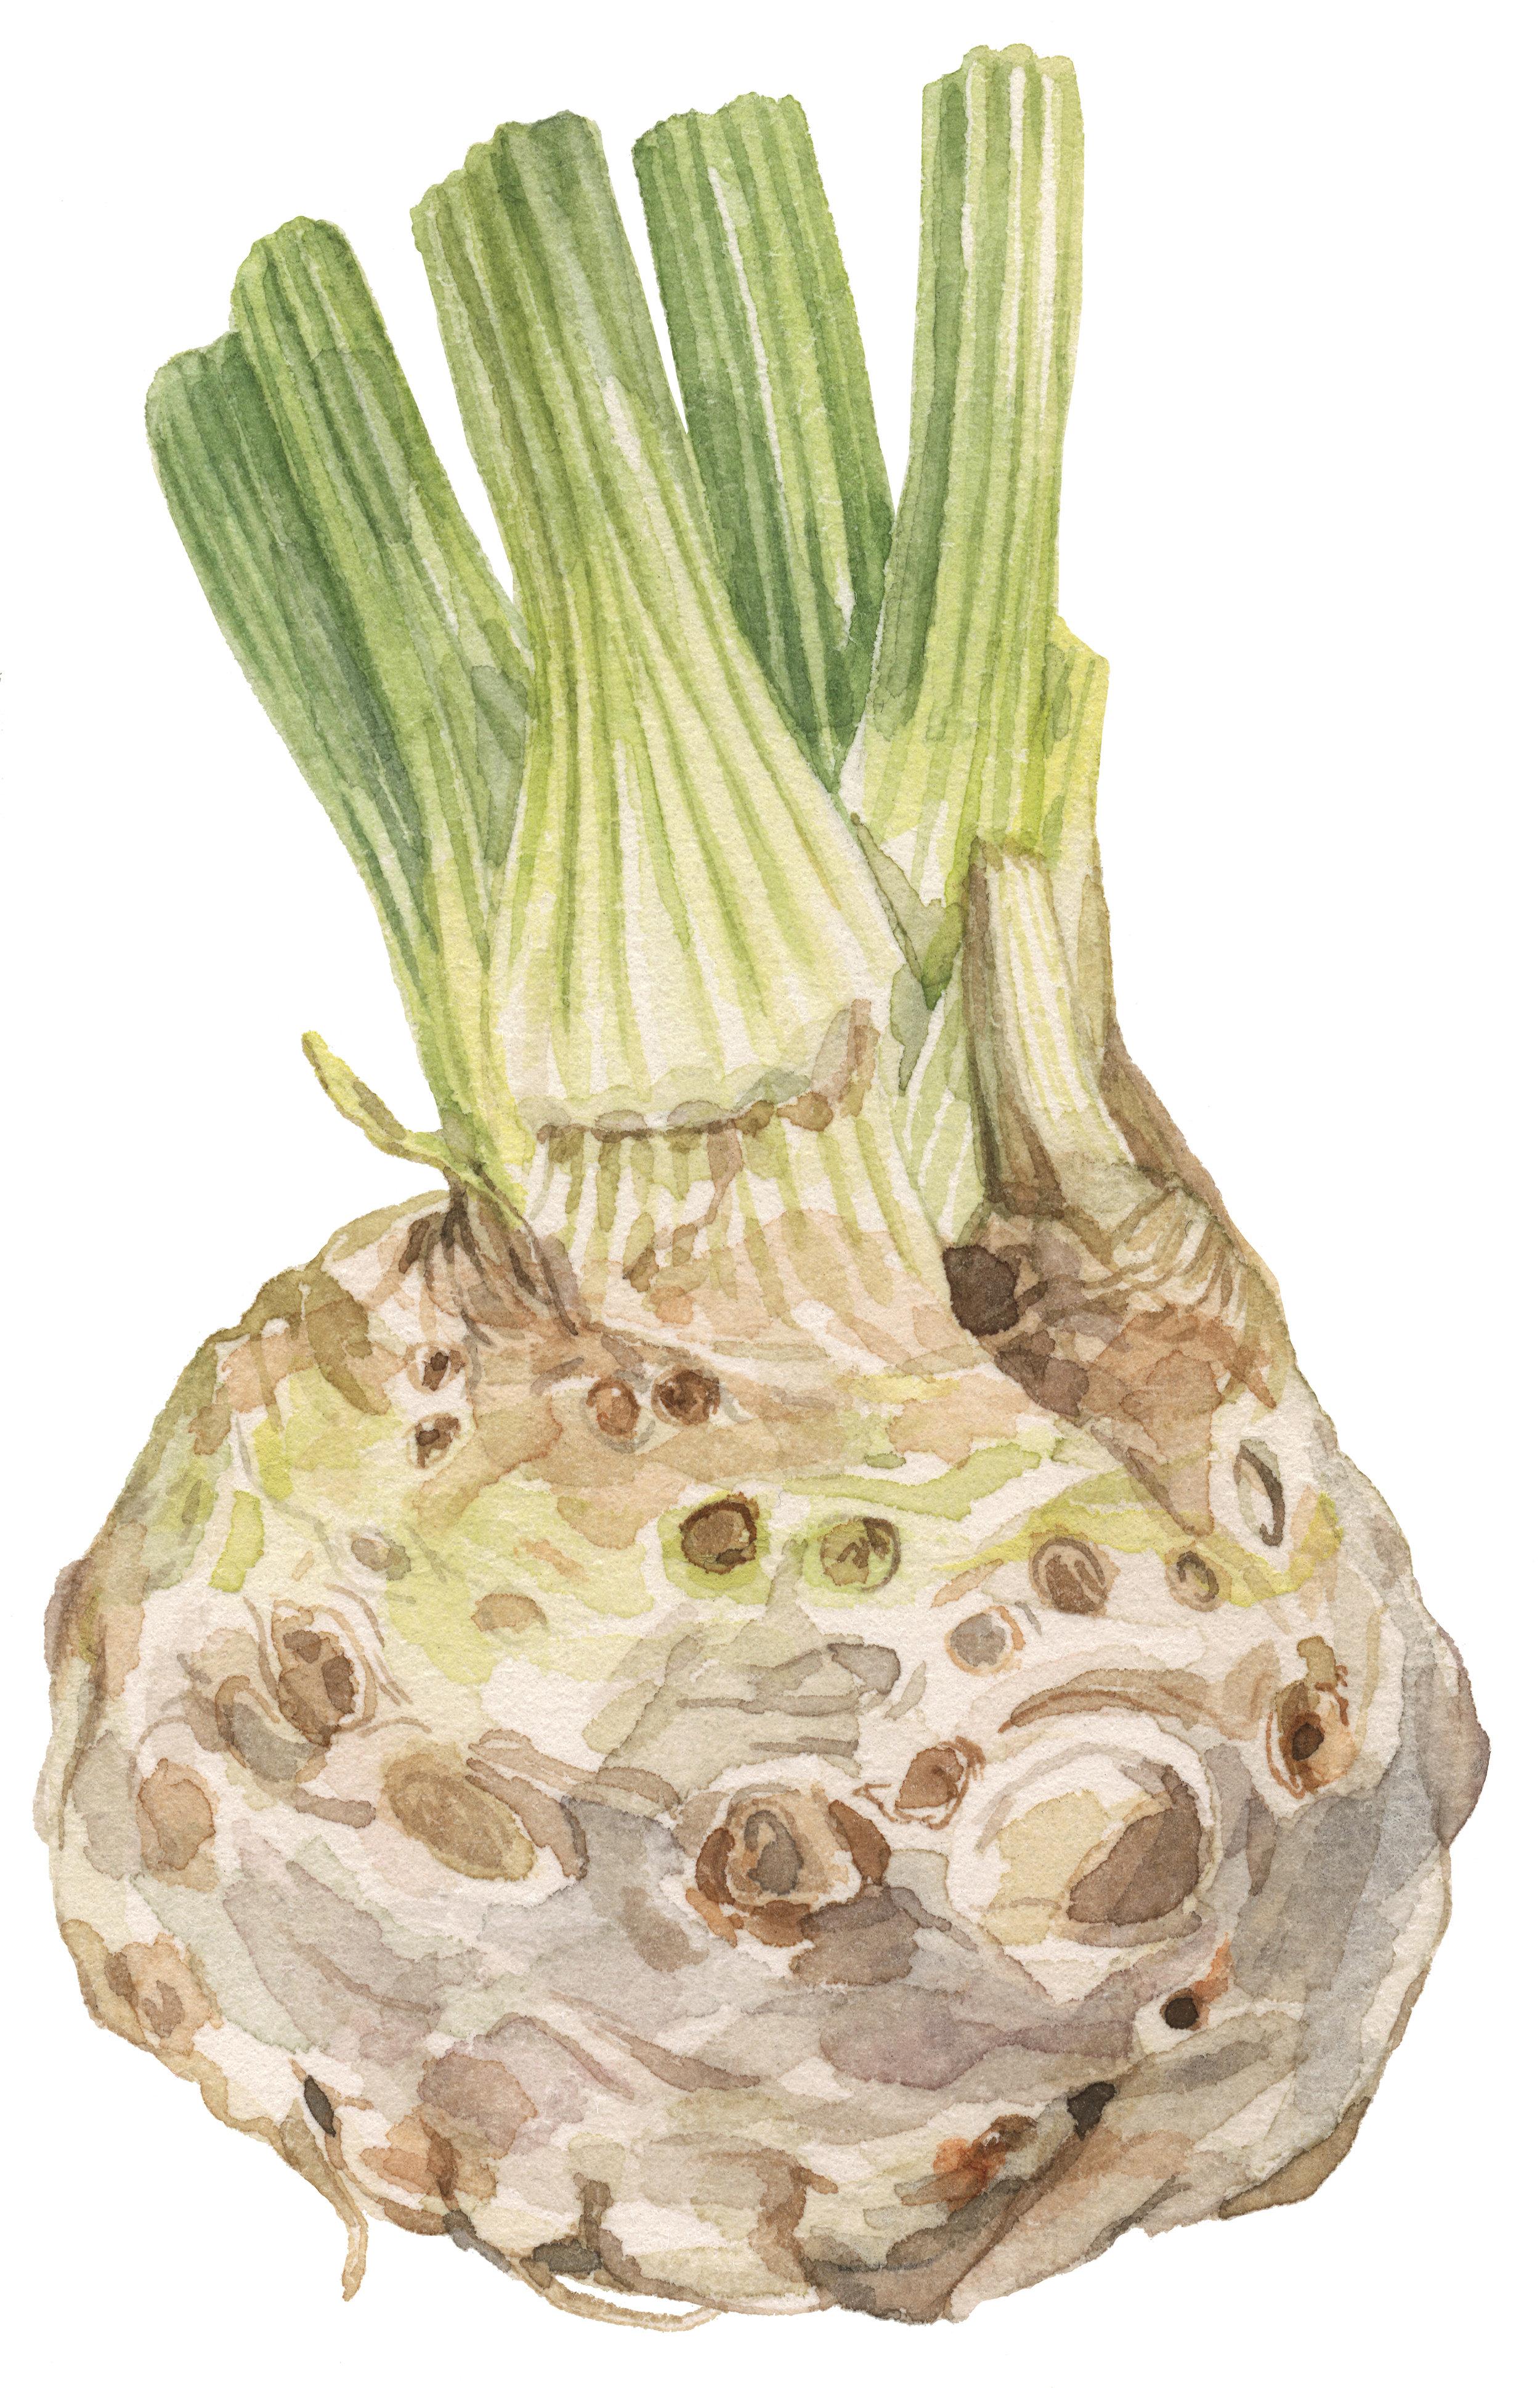 33-celery-root-lrg.jpg